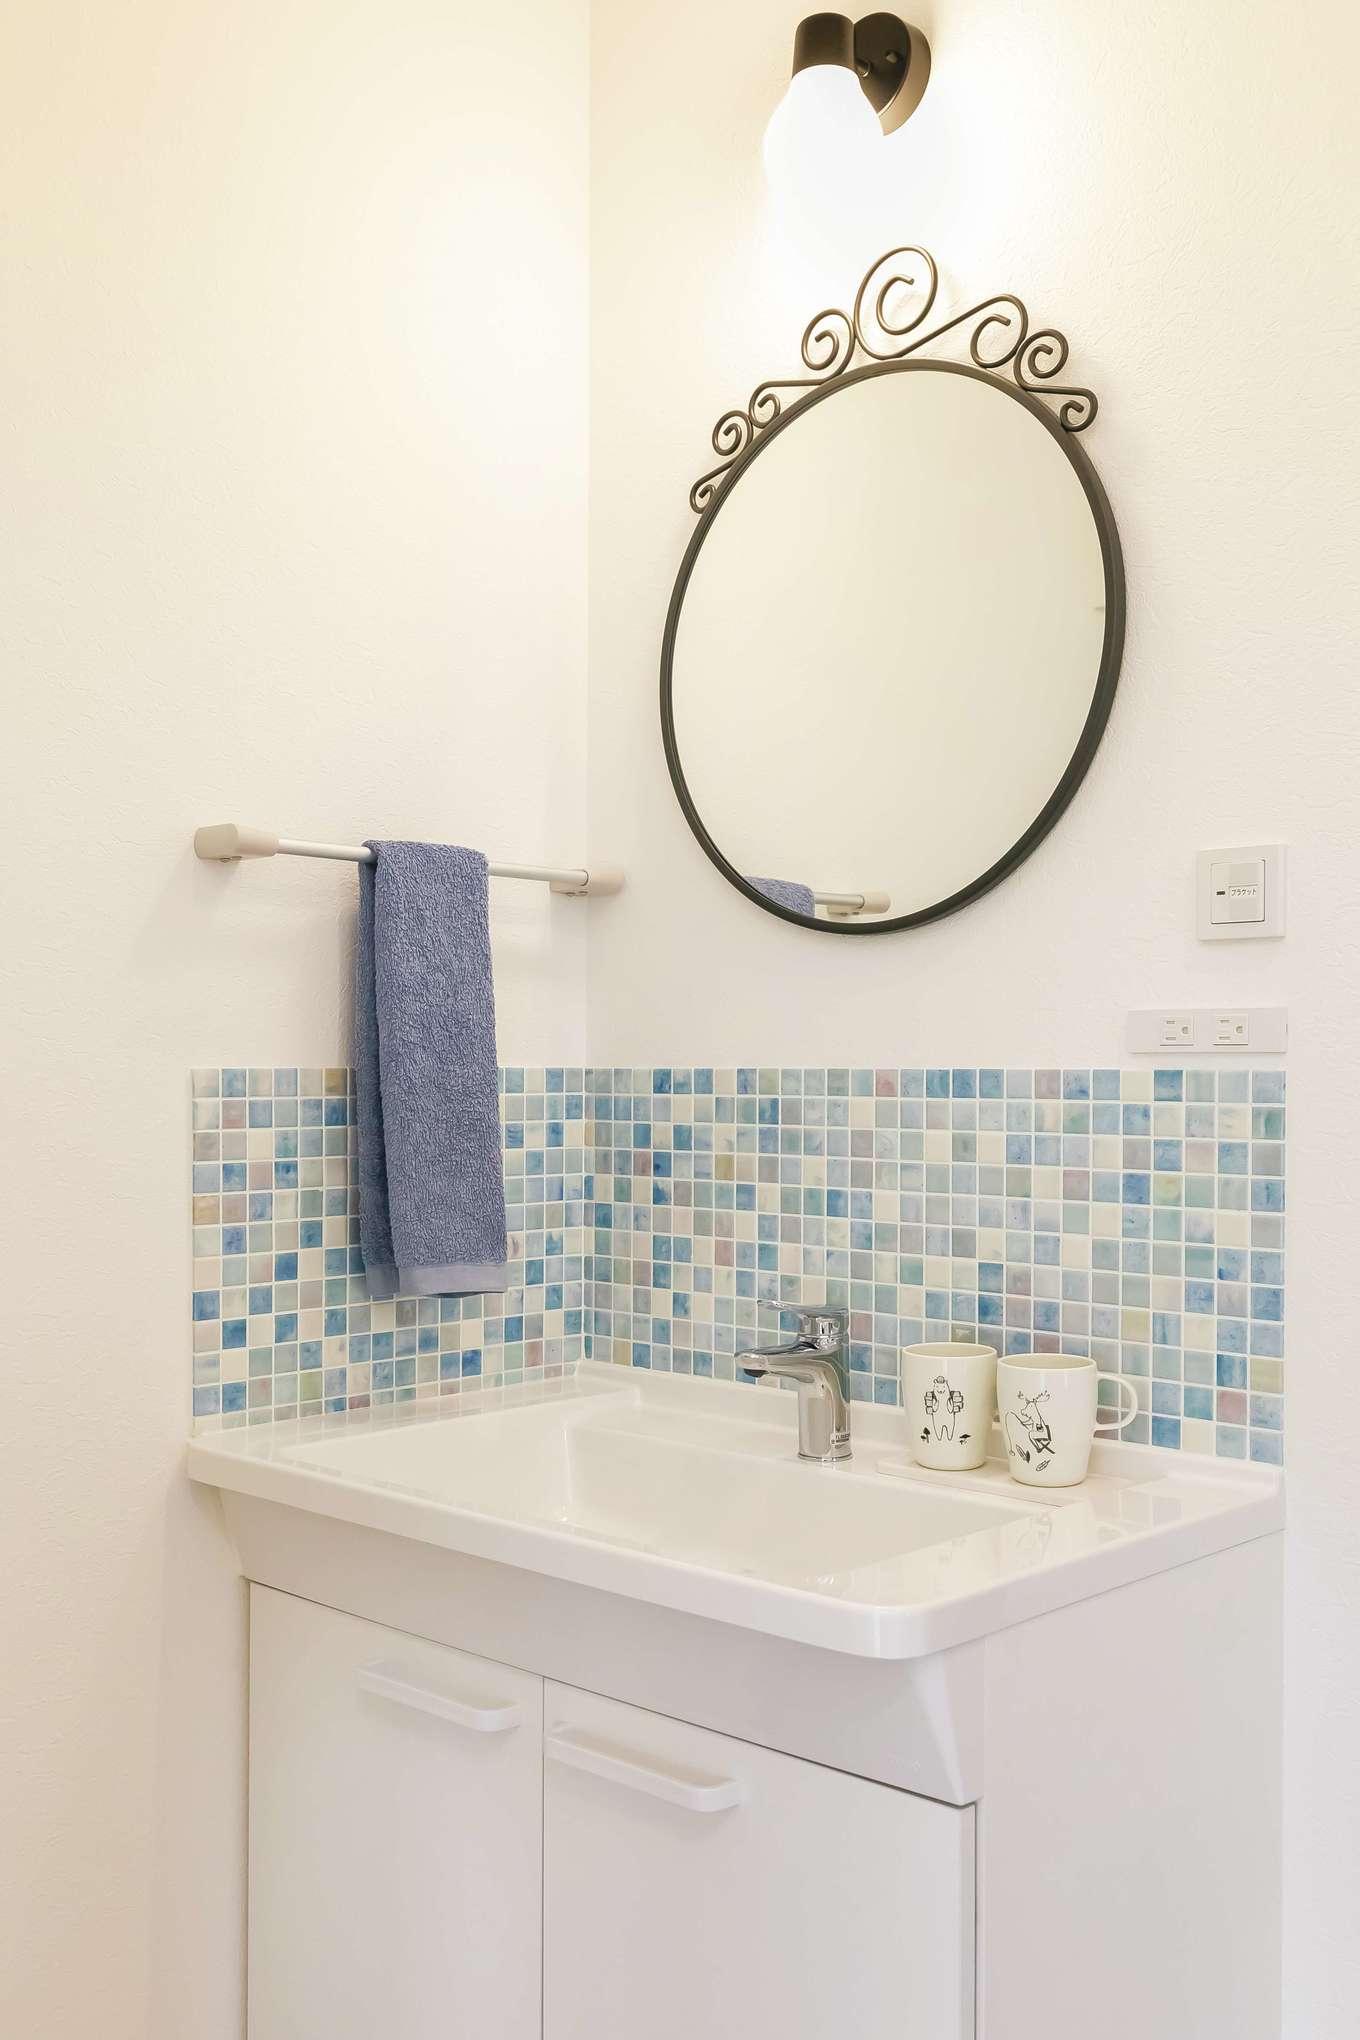 原田工務店【デザイン住宅、子育て、間取り】洗面のタイル壁もブルーでさわやかに演出